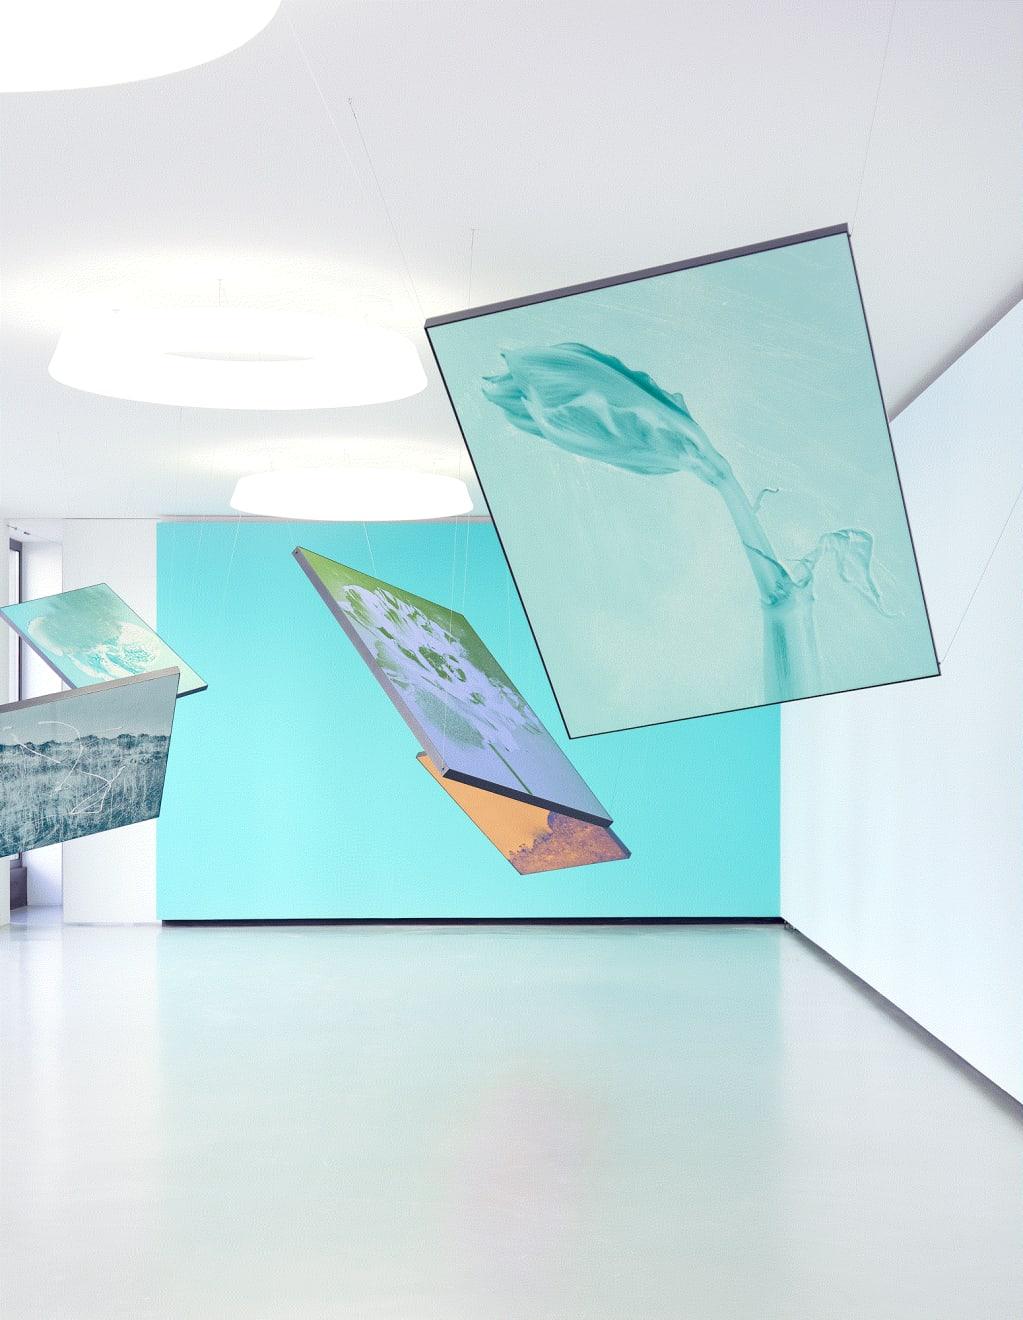 ANIMA, MUSÉE DES BEAUX-ARTS LE LOCLE